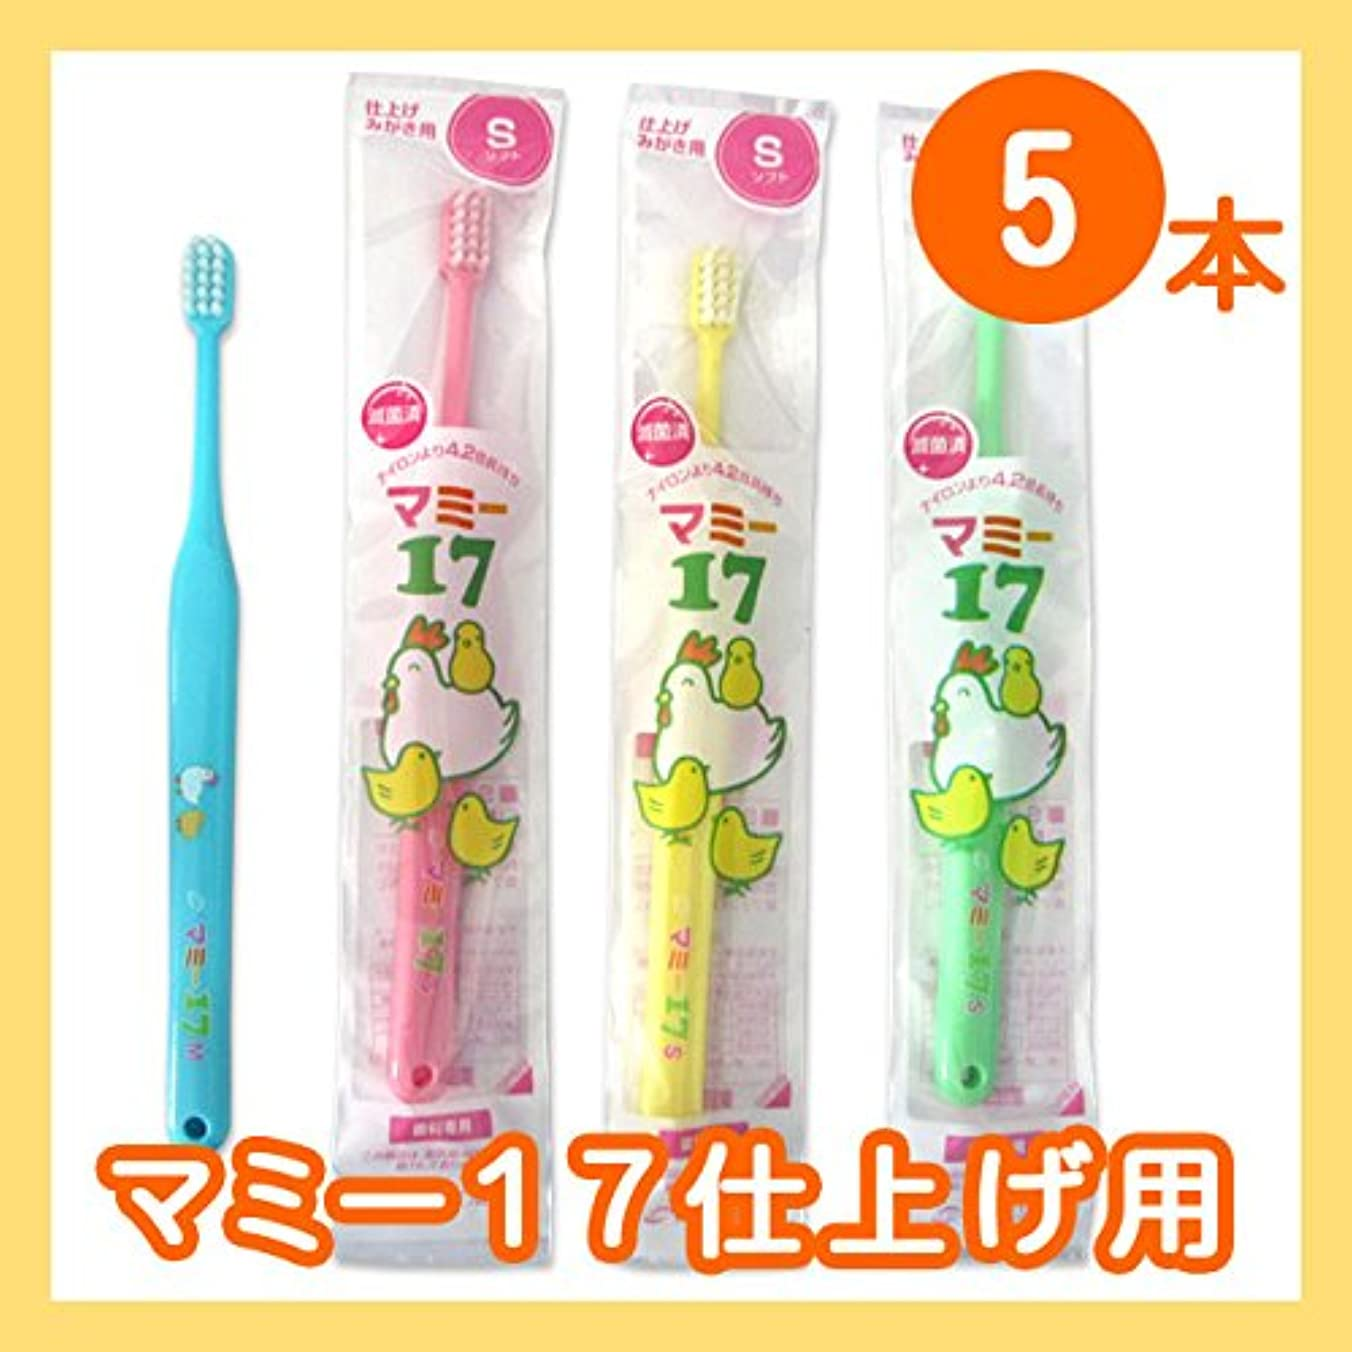 代表して友だち不均一オーラルケア マミー17 子供 点検?仕上げ磨き用 歯ブラシ 5本セット ミディアム ピンク